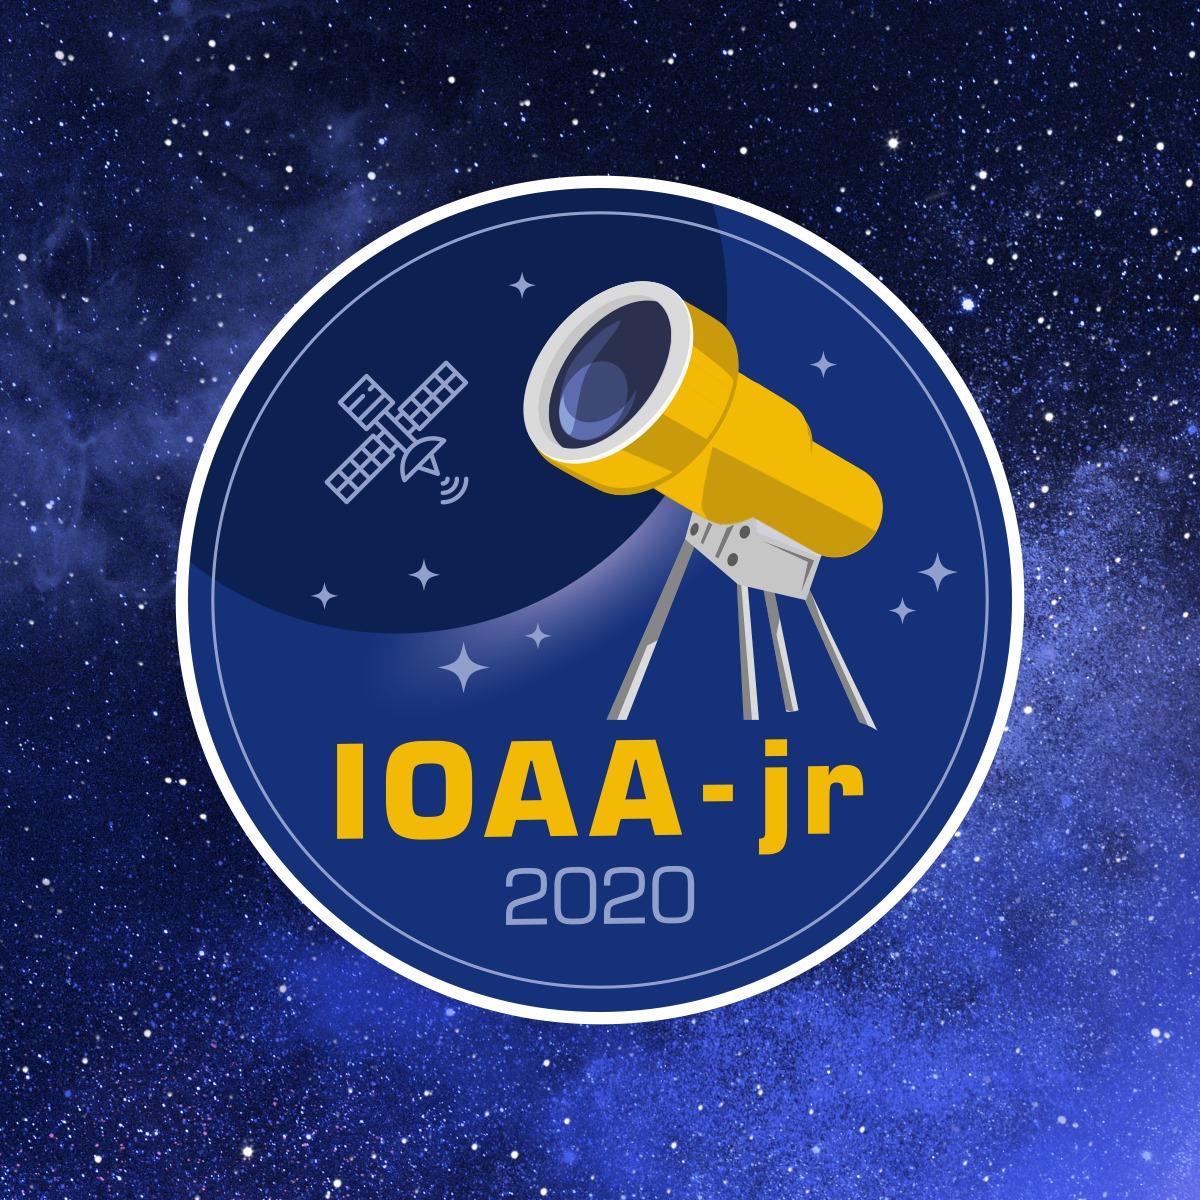 Olimpiada Internațională de Astronomie și Astrofizică pentru juniori